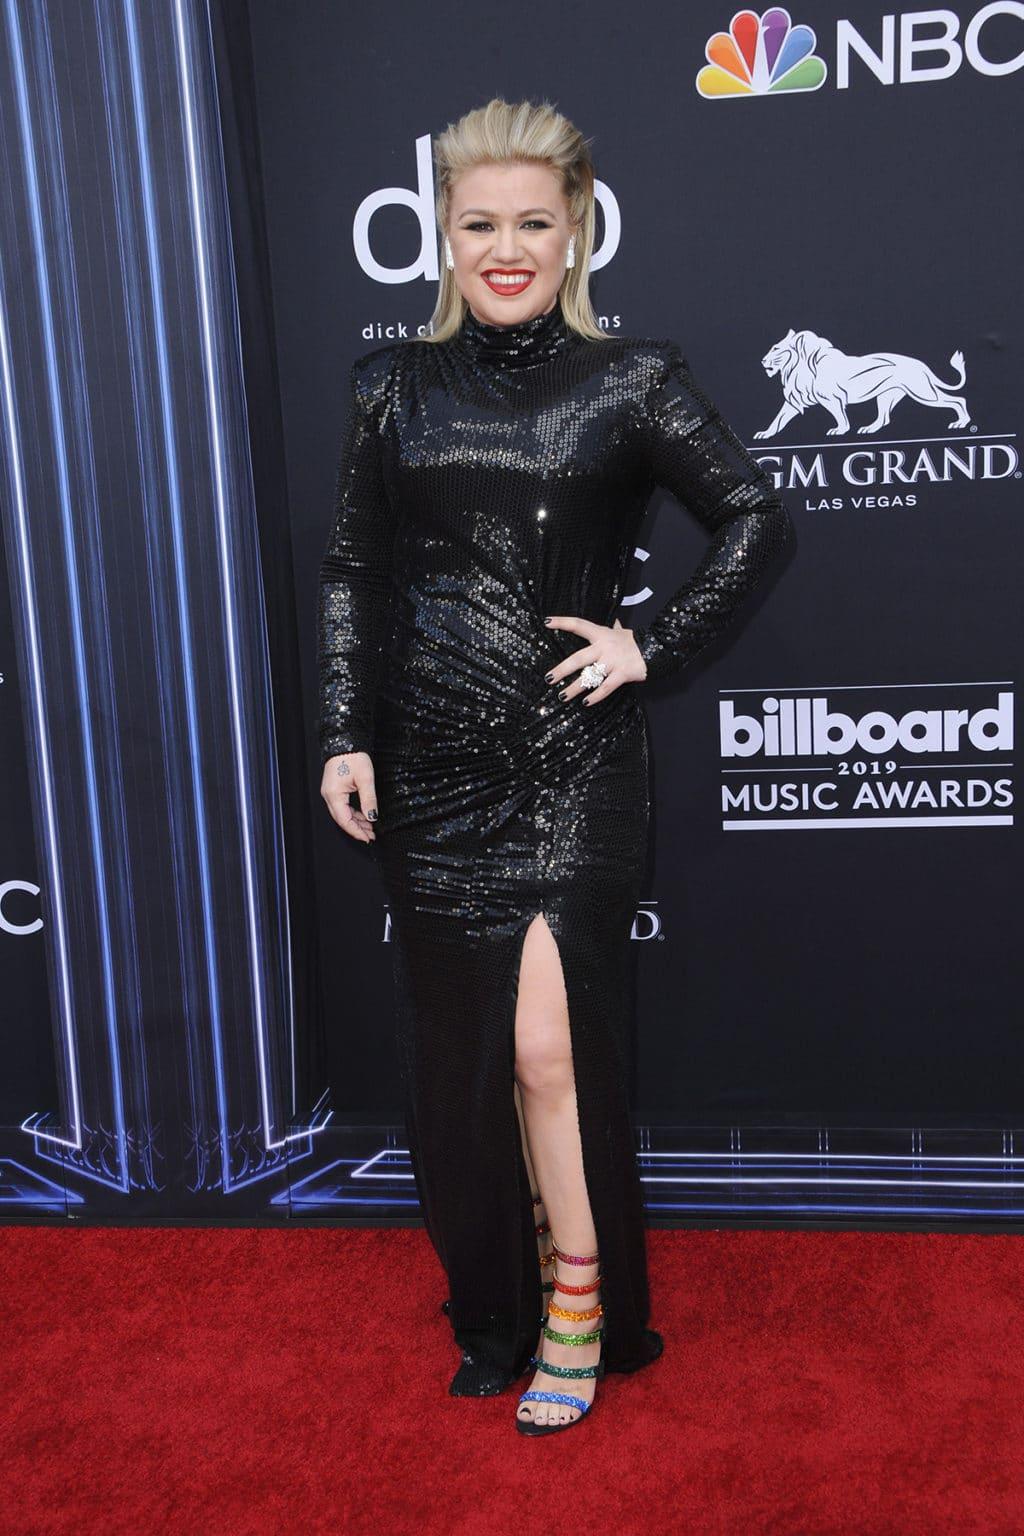 Келли Кларксон Billboard Music Awards 2019